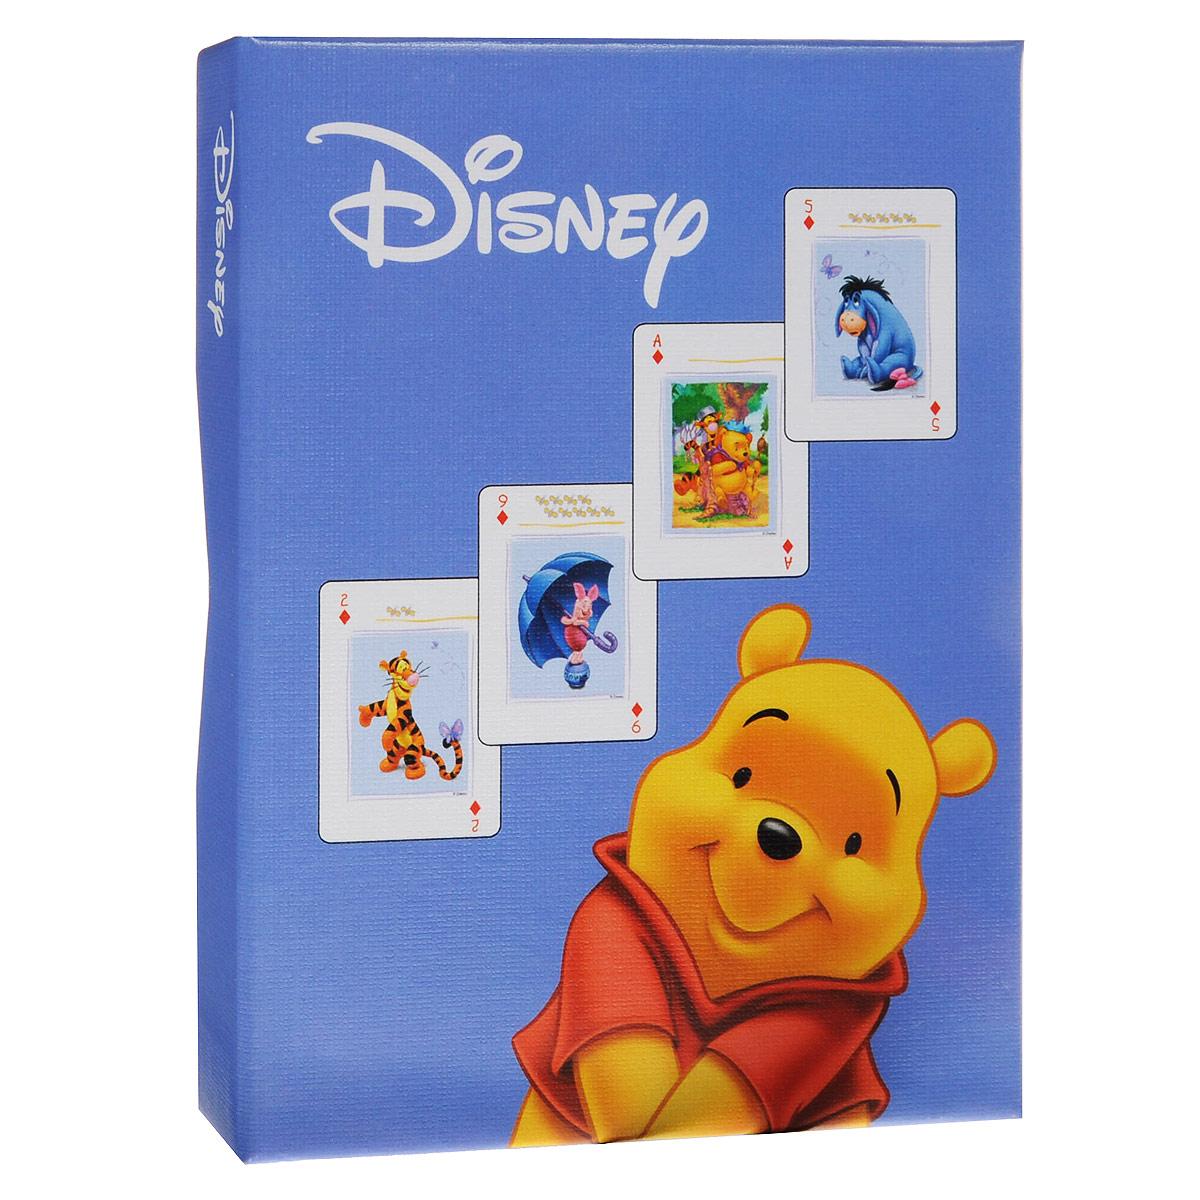 Коллекционные игральные карты Винни-Пух, цвет: сиреневый, 55 шт. 15991599